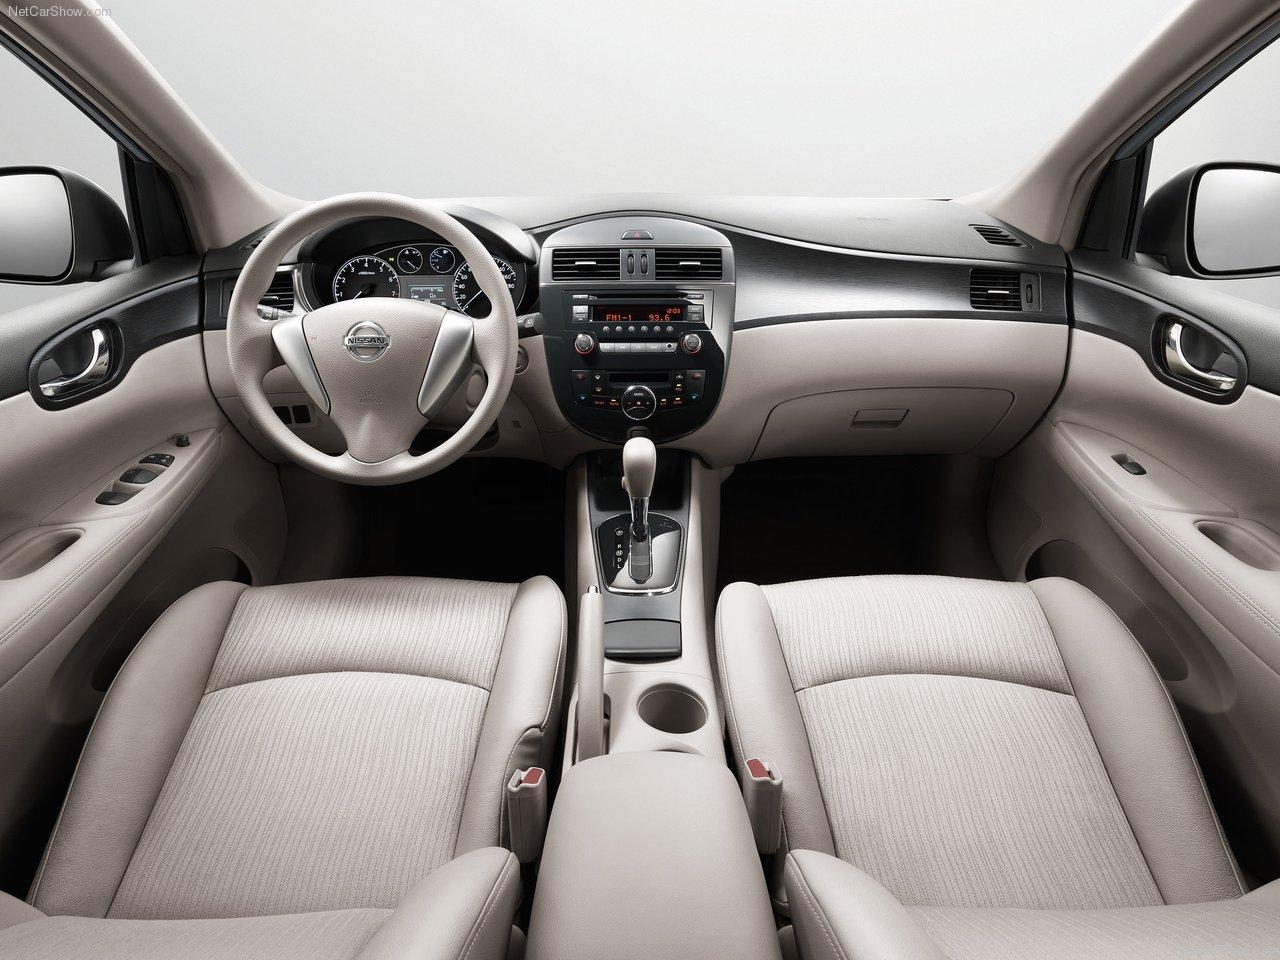 http://4.bp.blogspot.com/-bLdNVjtC5xU/Ta1ZHFLEFsI/AAAAAAACM8A/L-xxqB2pxKw/s1600/Nissan-Tiida_2012_1280x960_wallpaper_07.jpg